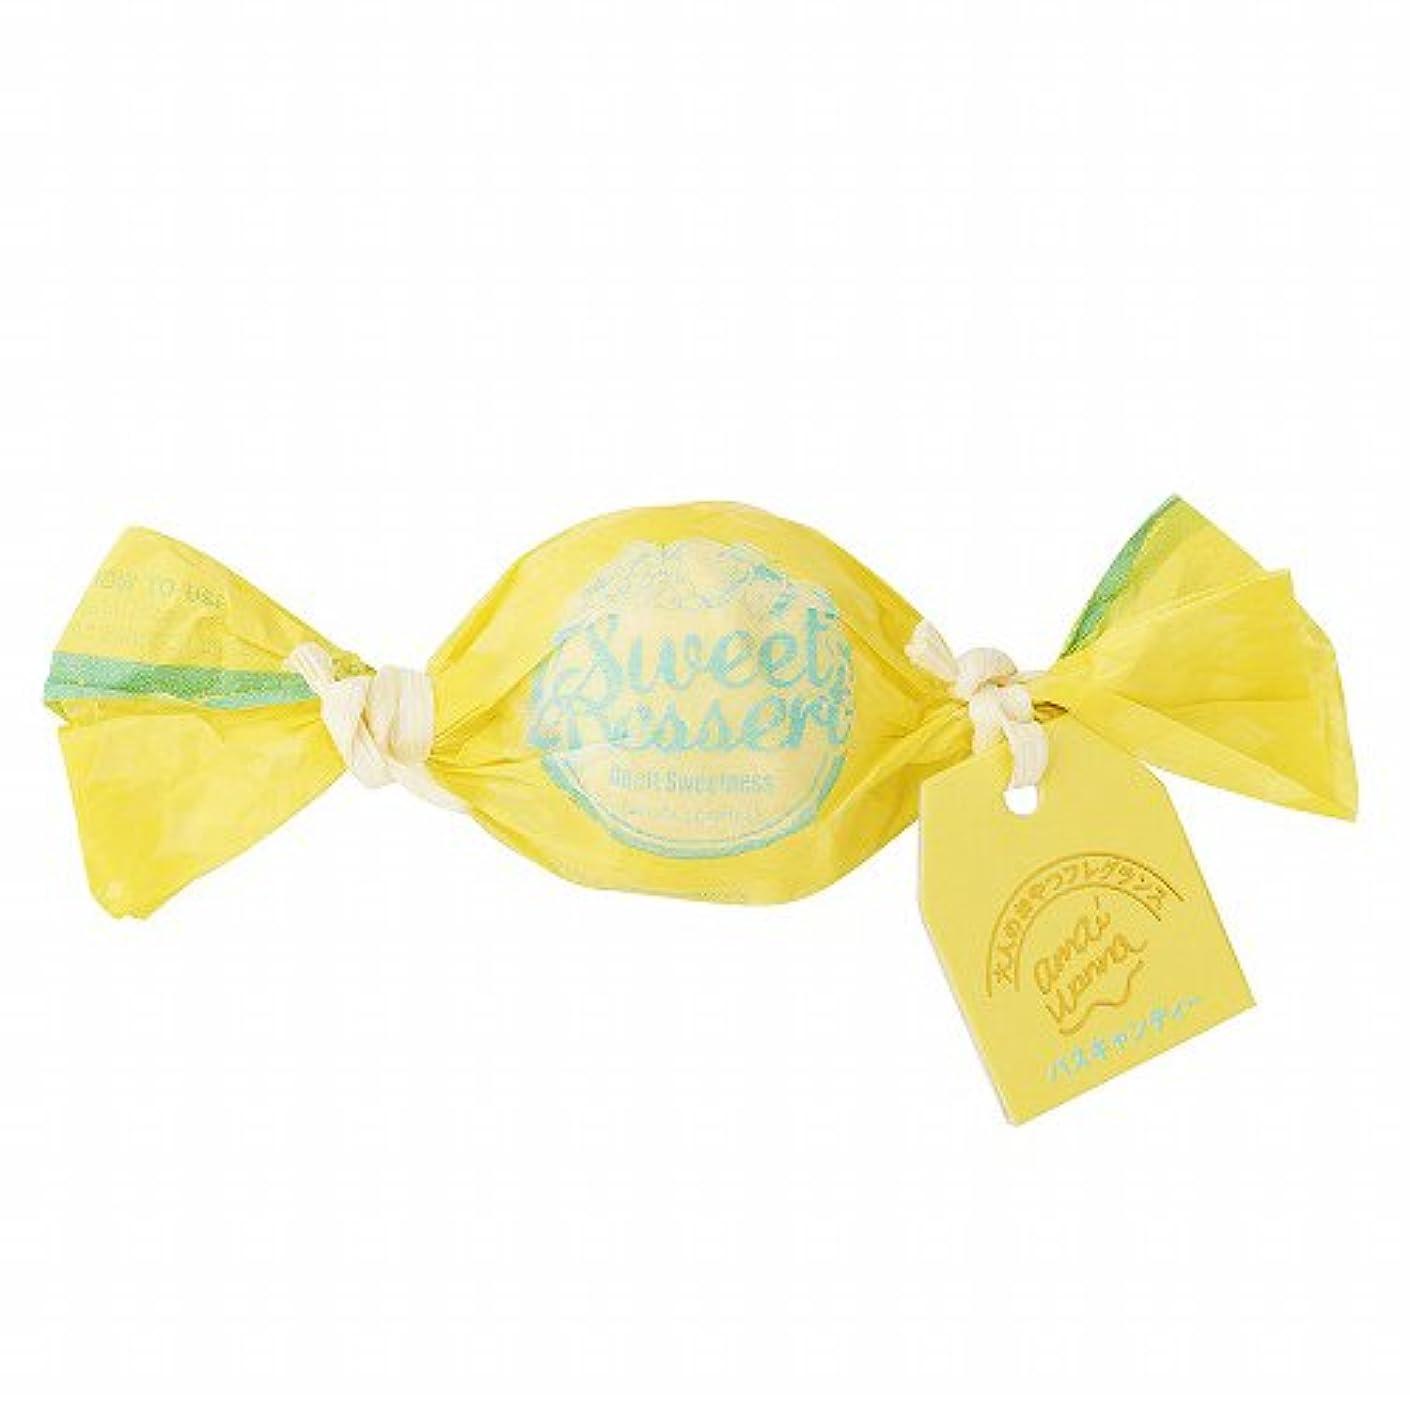 回転させる葉を拾う予防接種するアマイワナ バスキャンディー 1粒 大人の甘美デザート